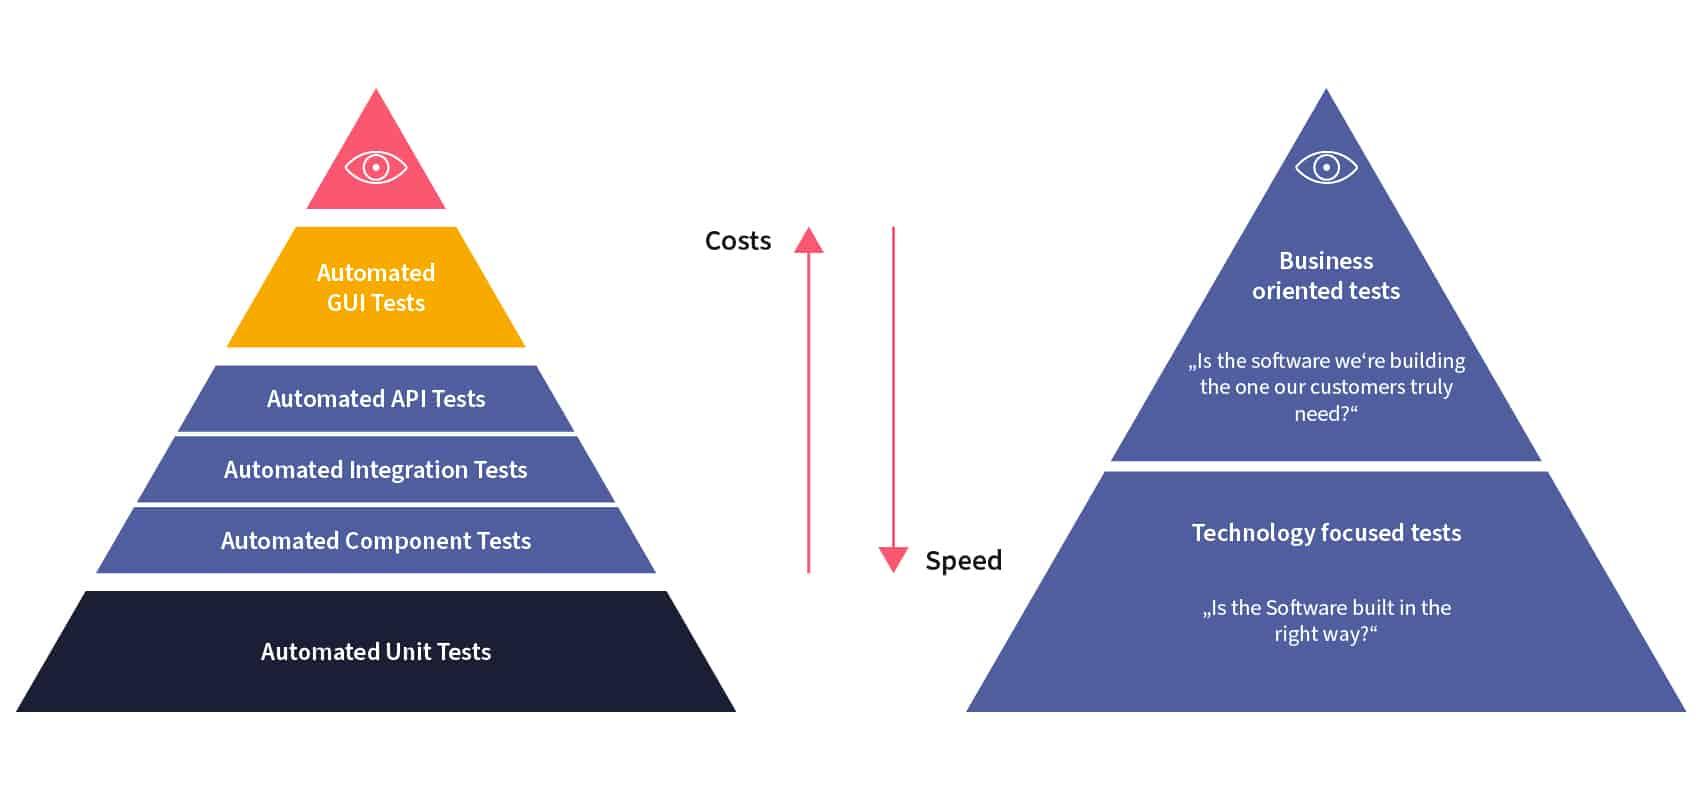 Schnellere Markteinführung mit DevOps und Automatisiertes Testen